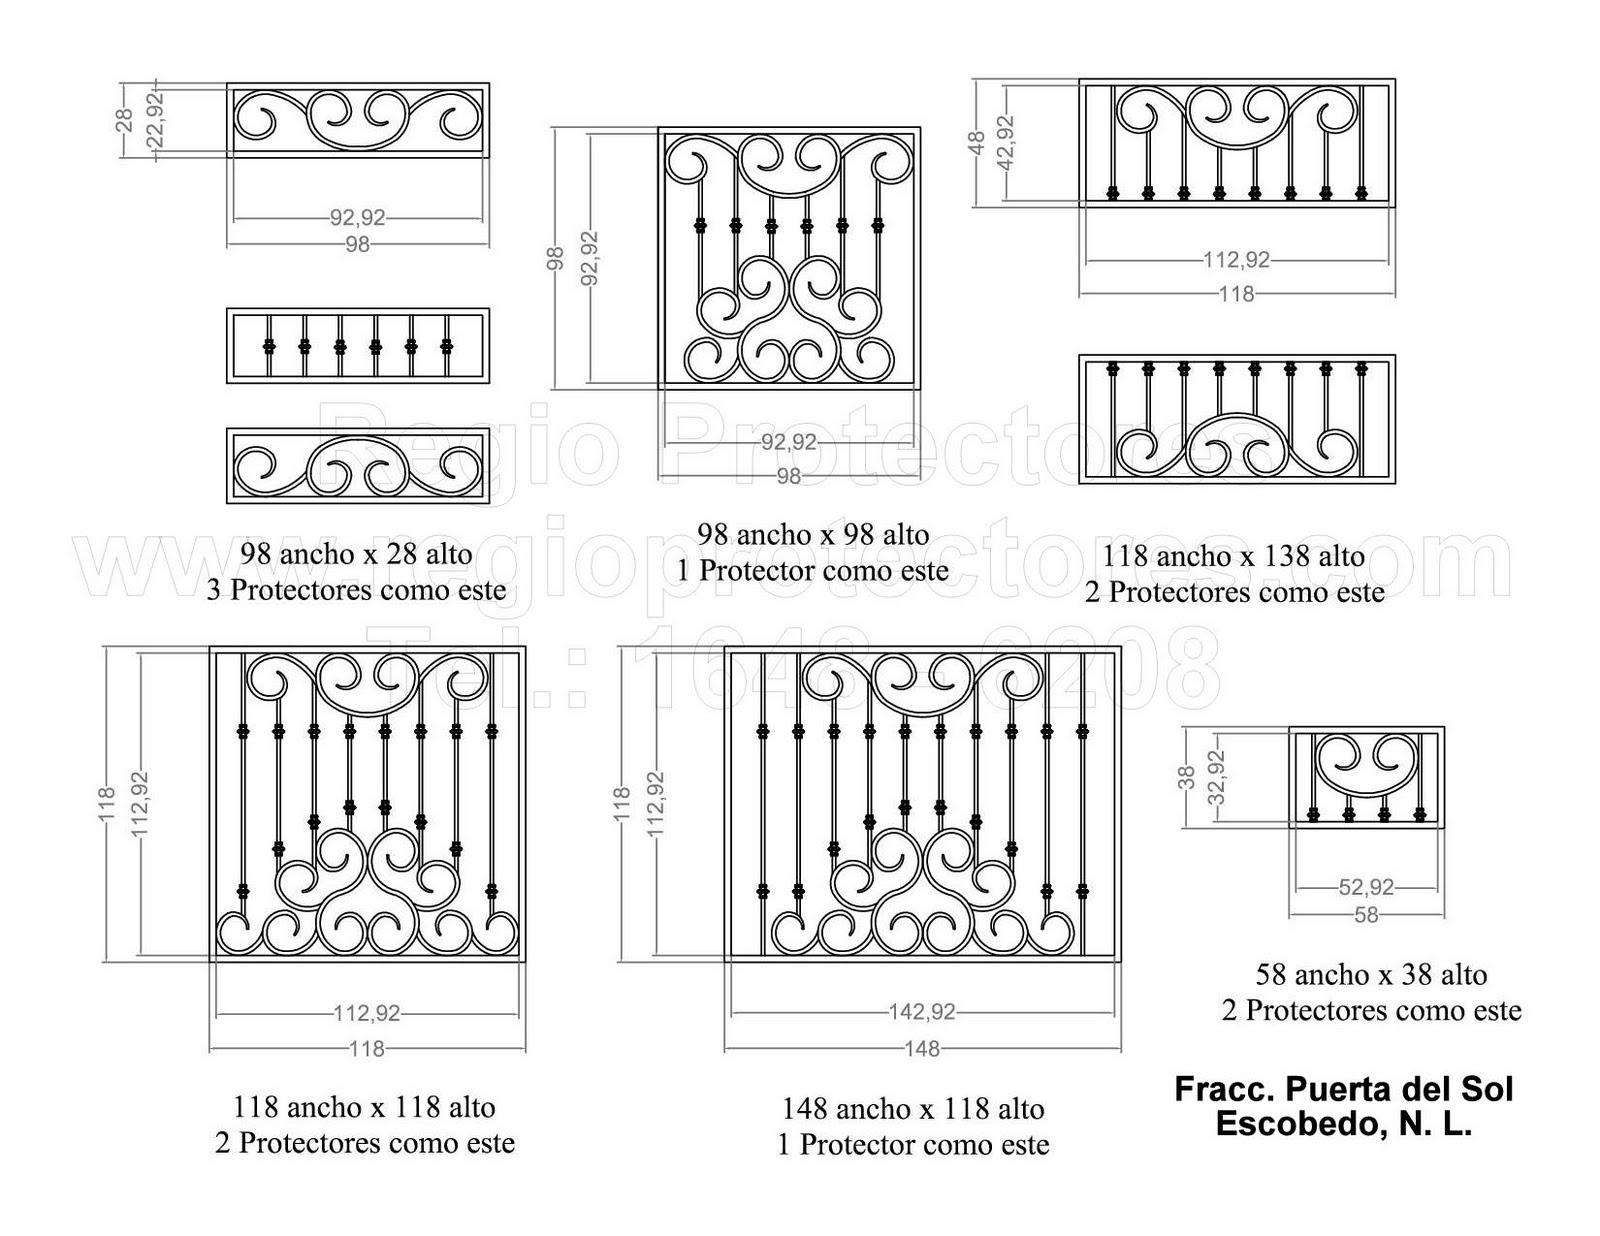 Protectores para ventanas y puertas mosquiteras, Fracc. Puerta del Sol